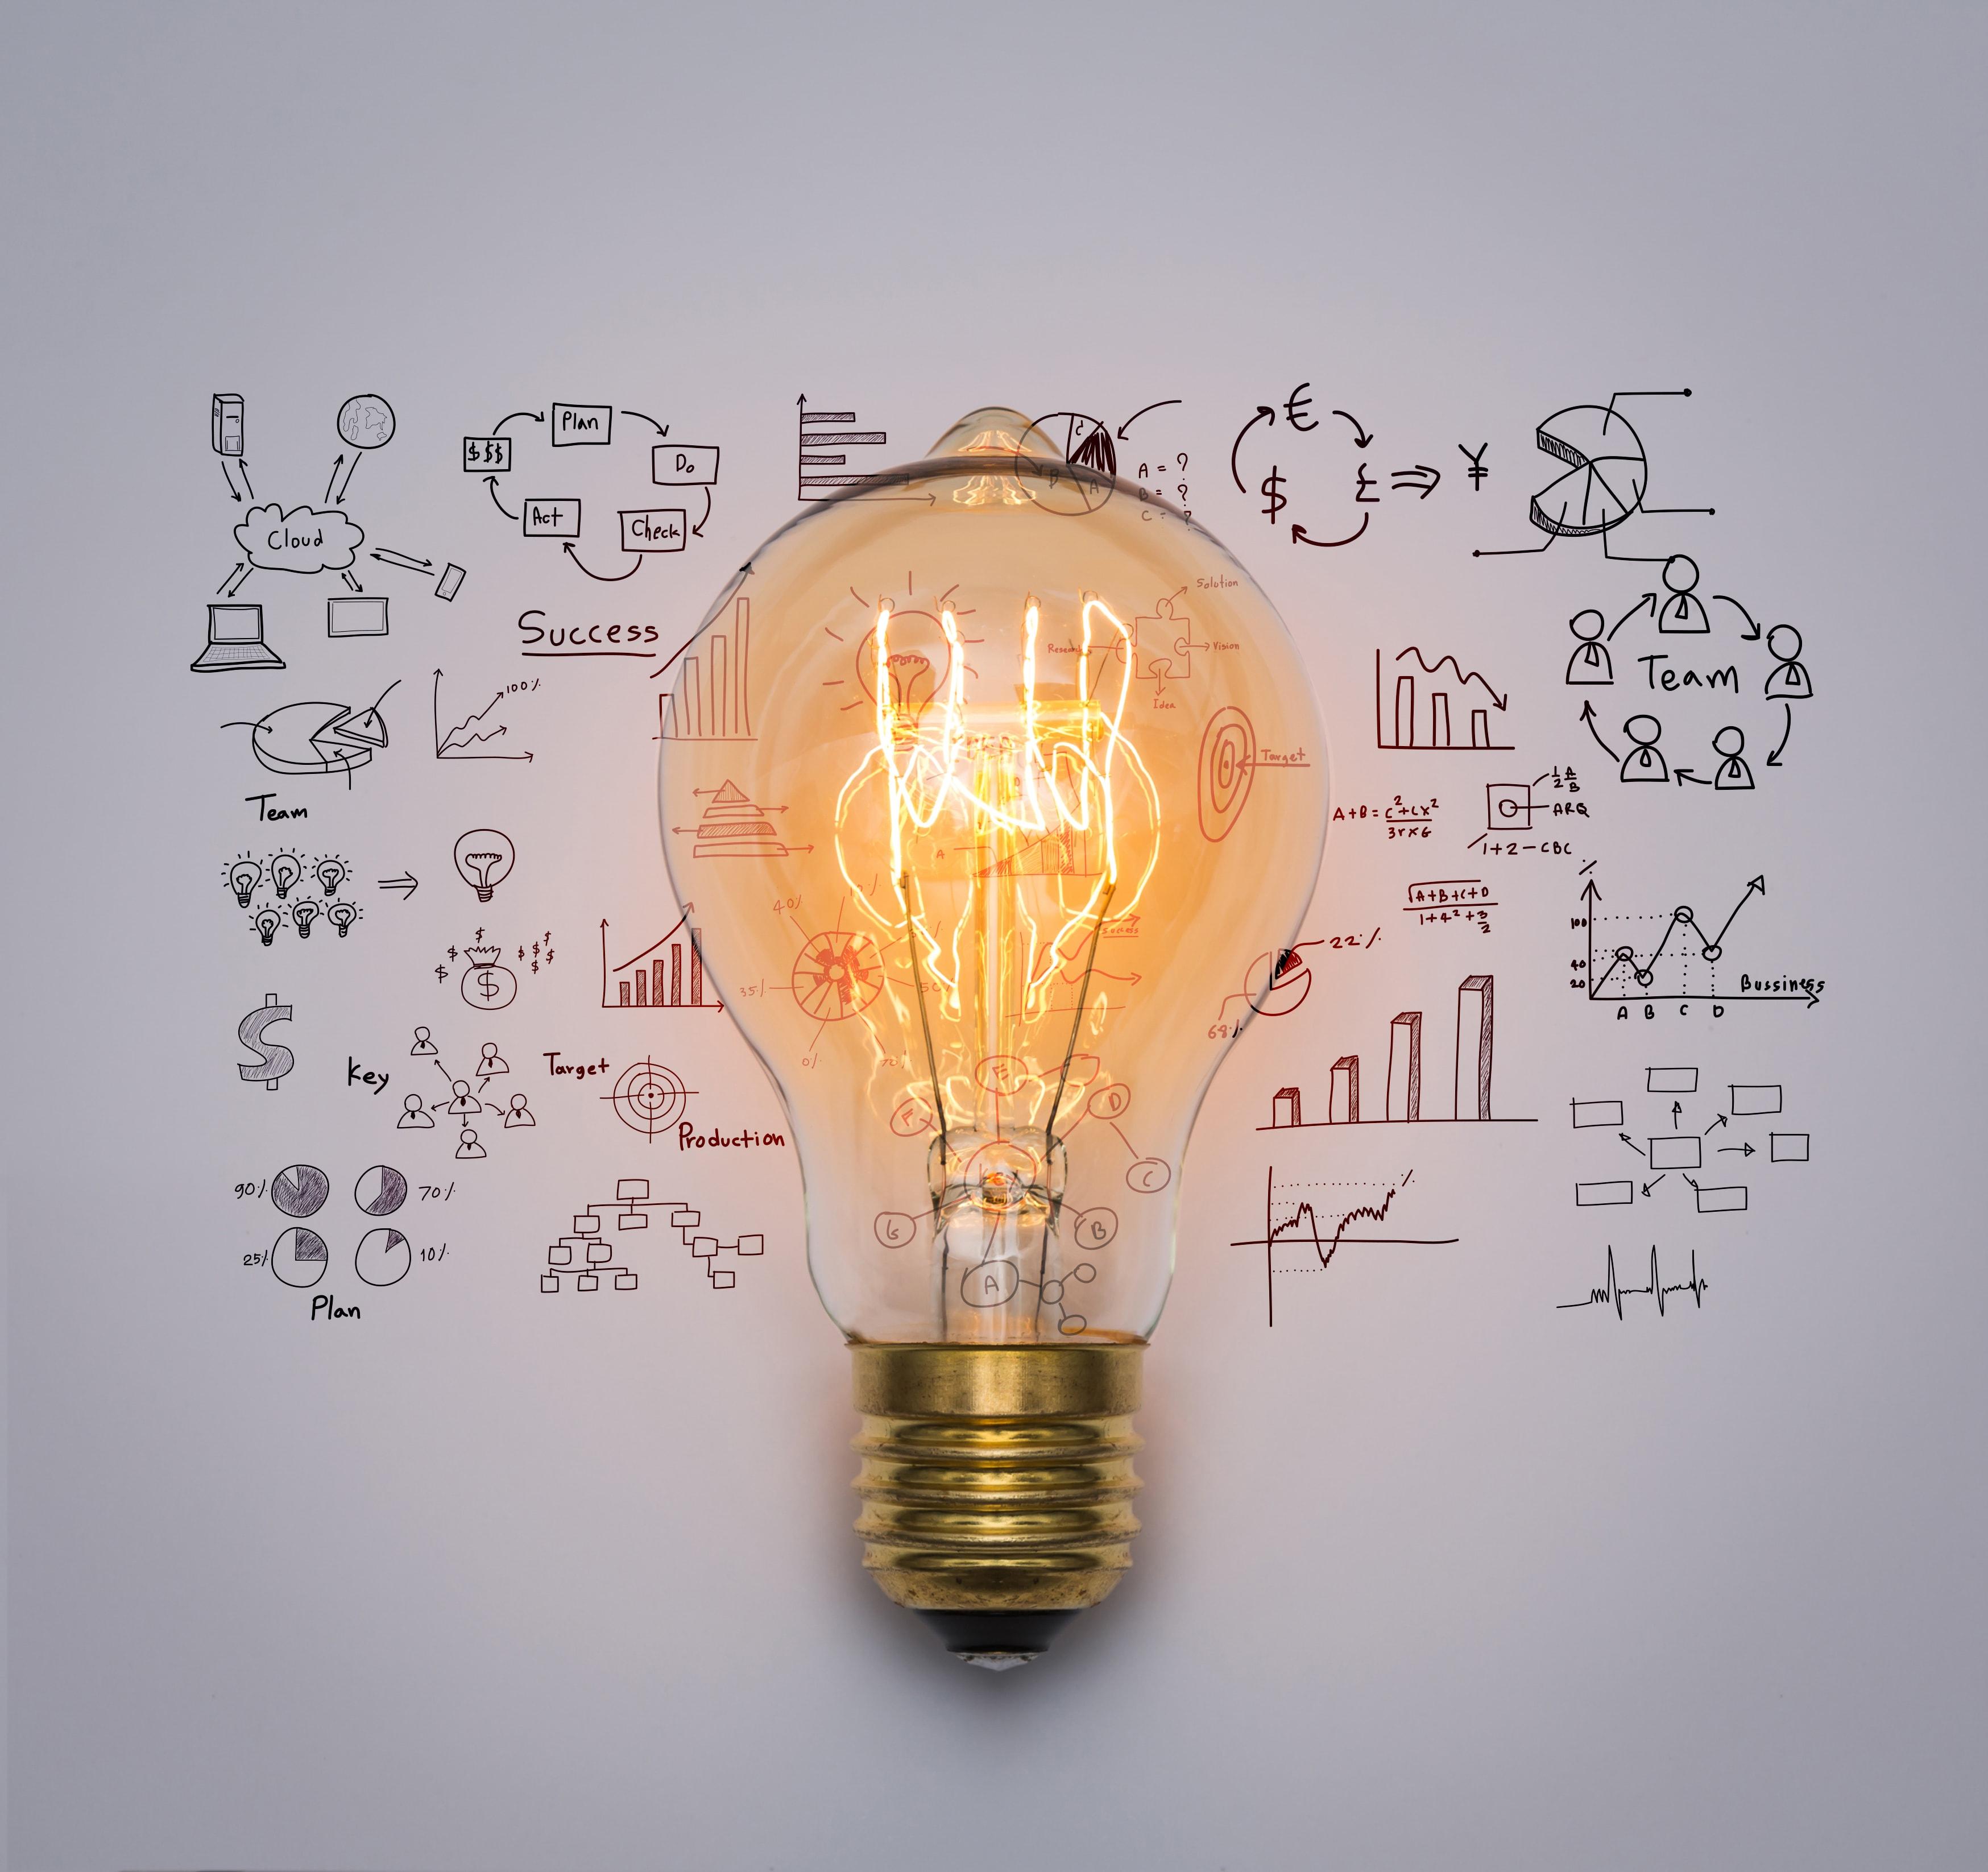 Des idées de business sur internet